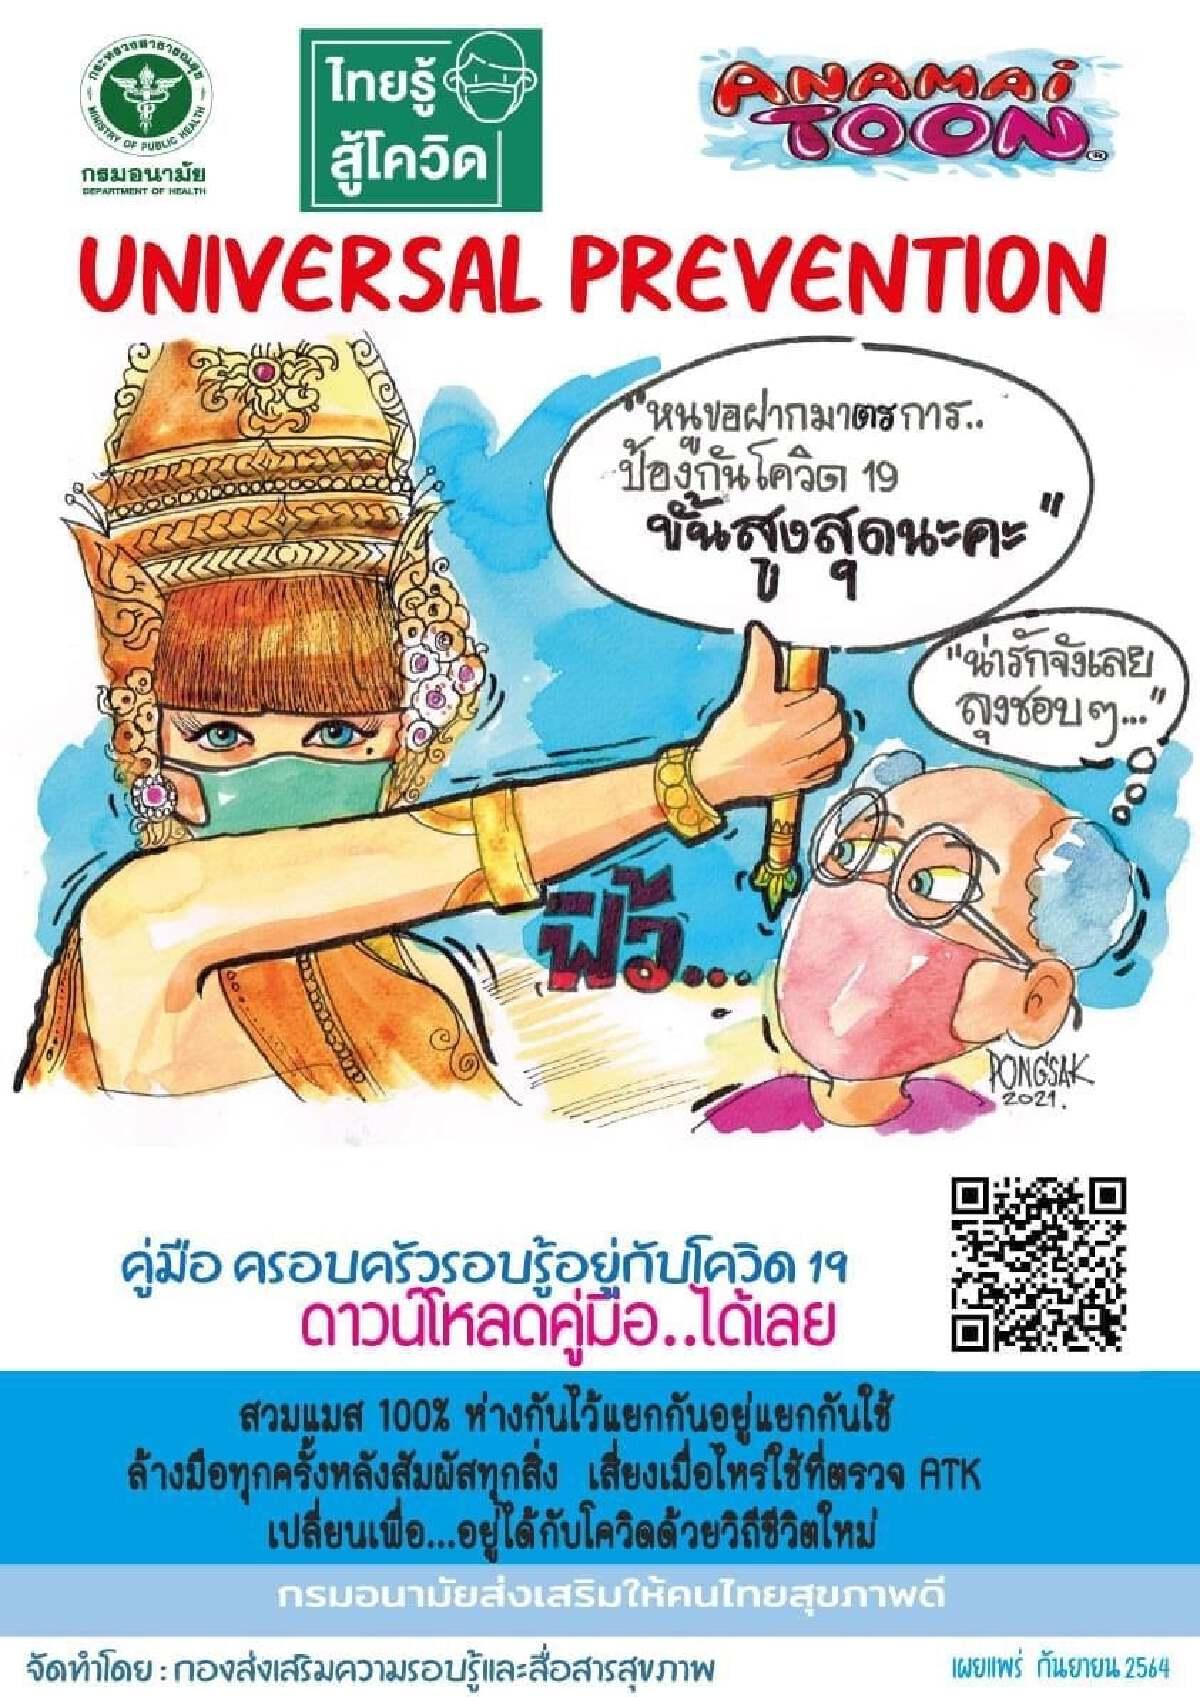 ภาพจากเพจไทยรู้สู้โควิด